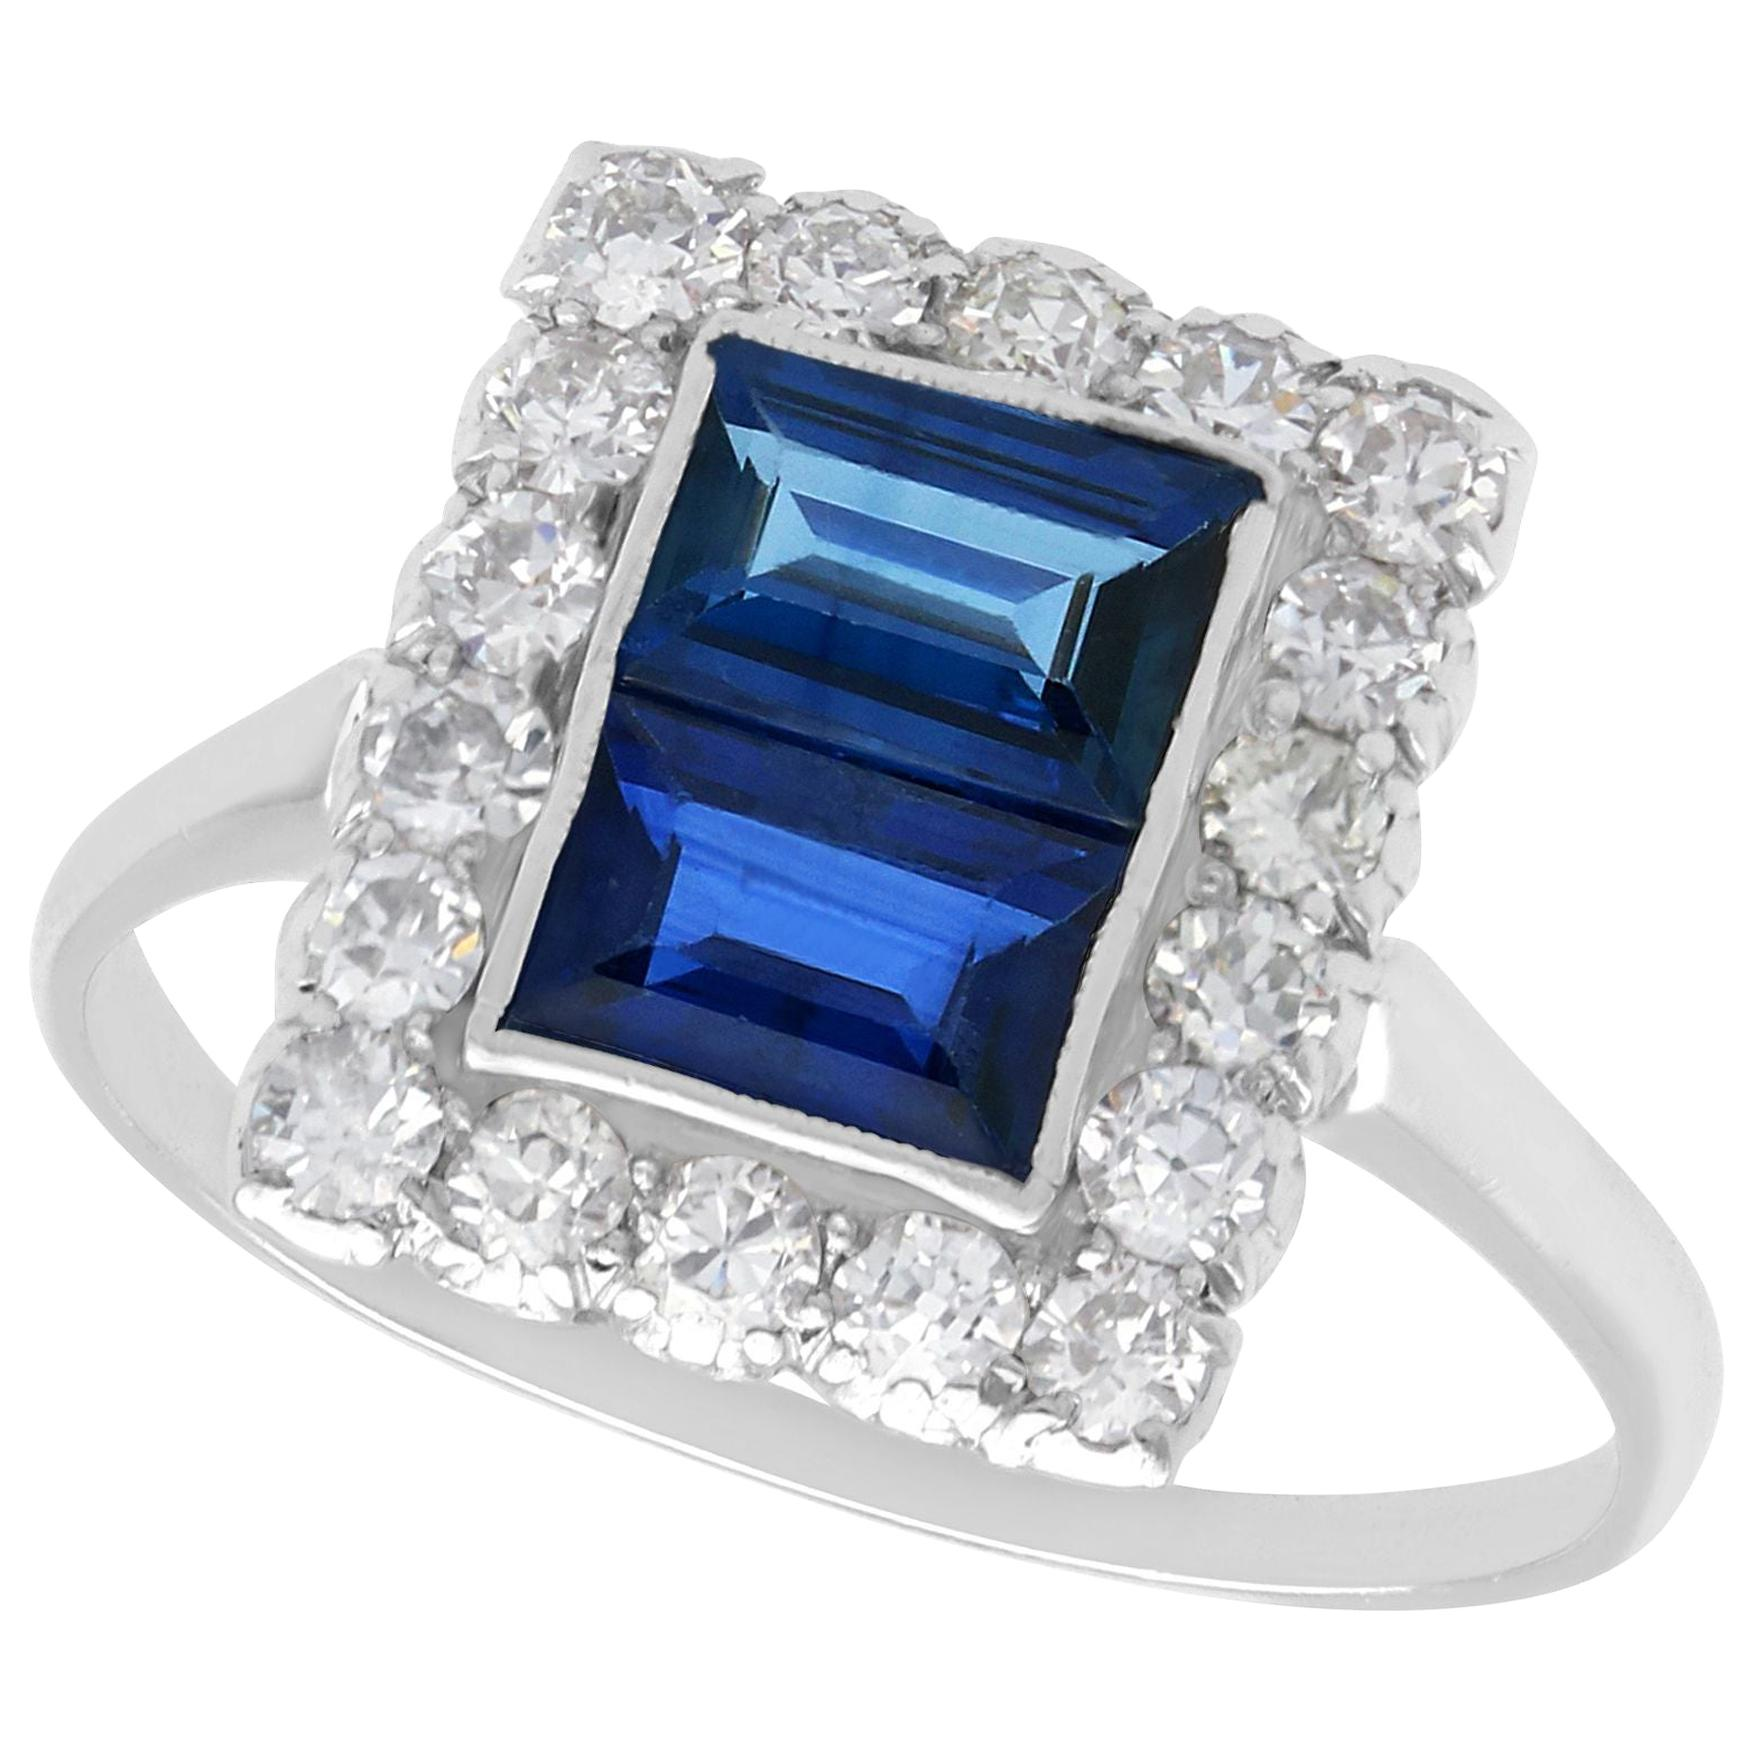 1930s Antique 1.60 Carat Sapphire and Diamond Platinum Cluster Ring